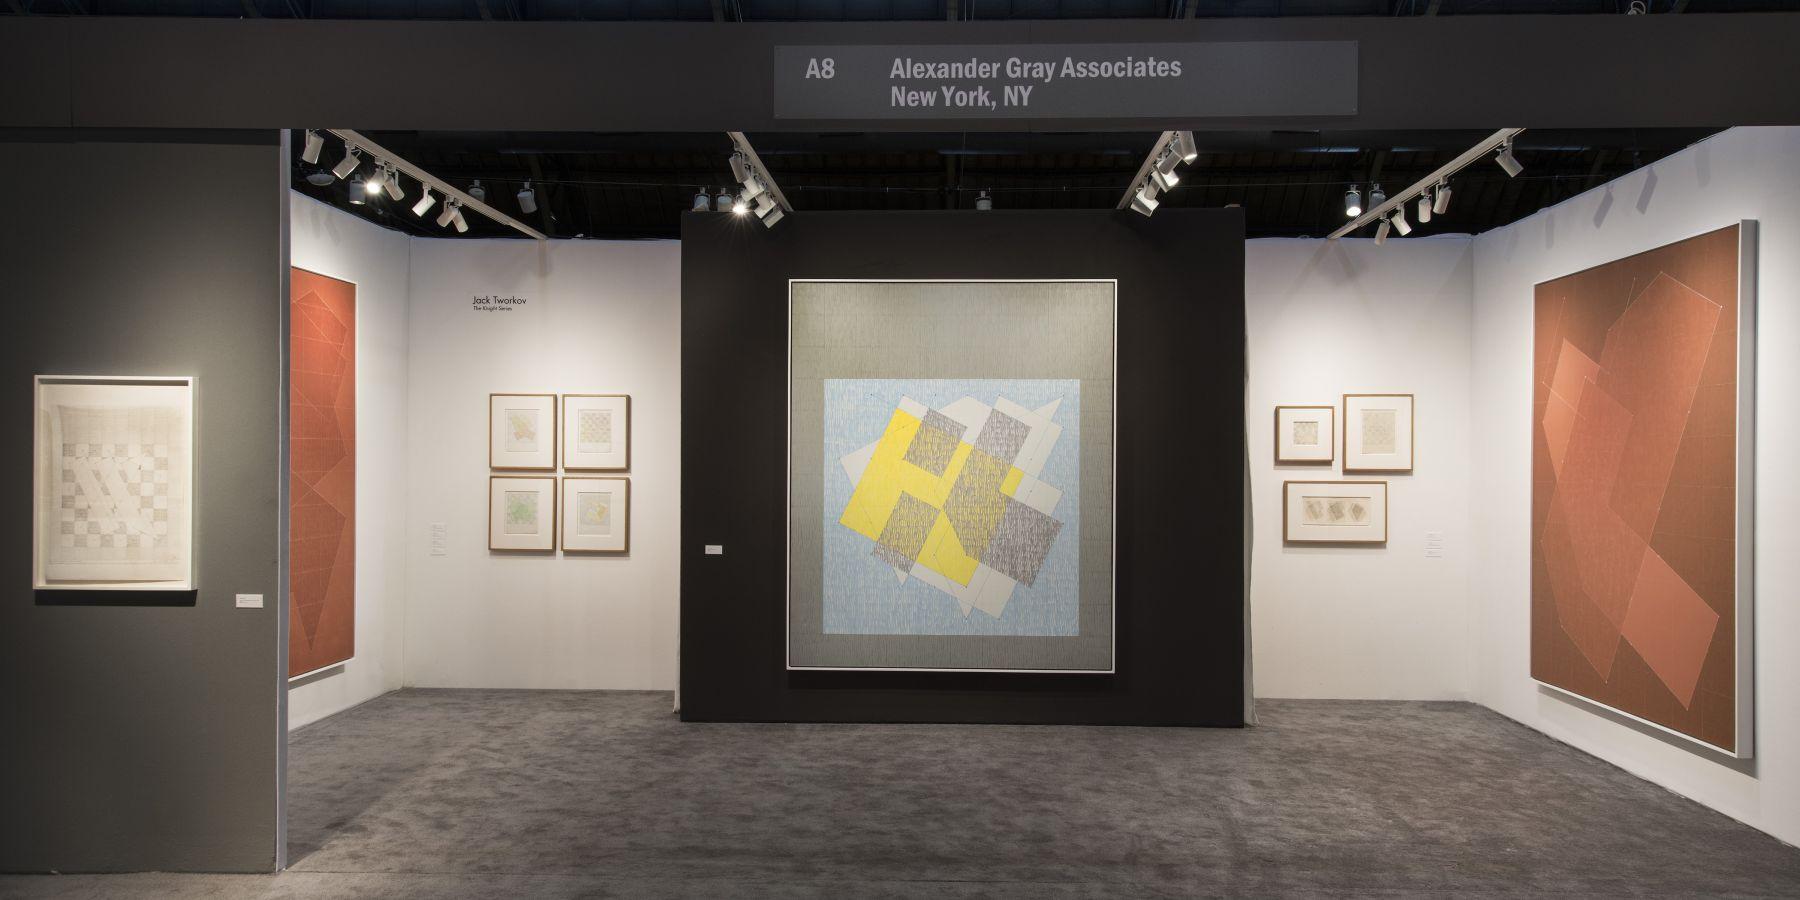 Alexander Gray Associates, ADAA: The Art Show 2016